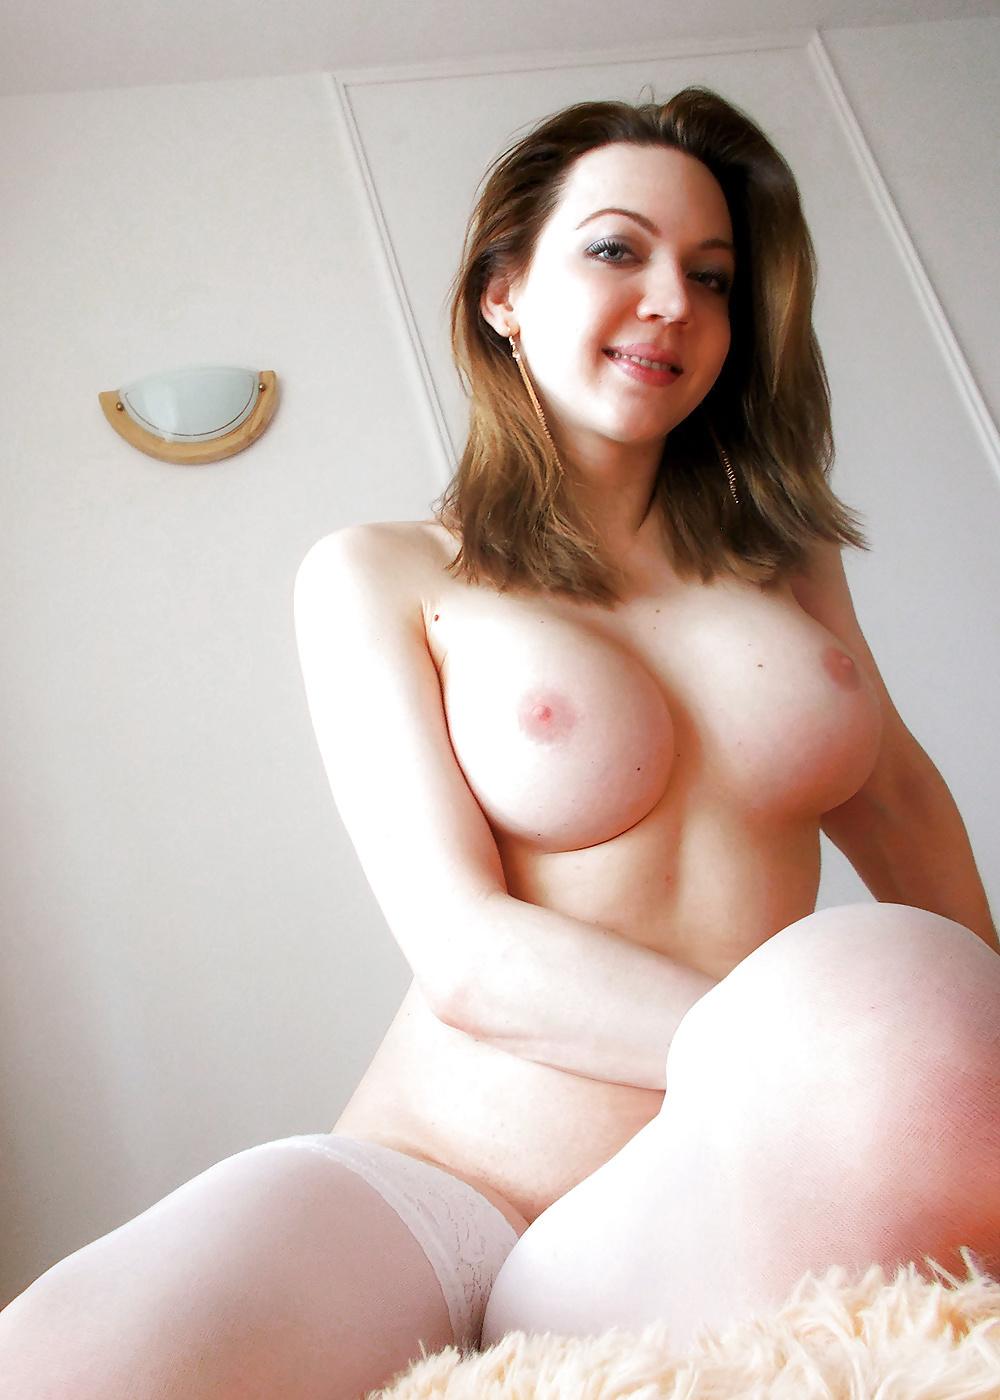 foto porno de michelle vieth